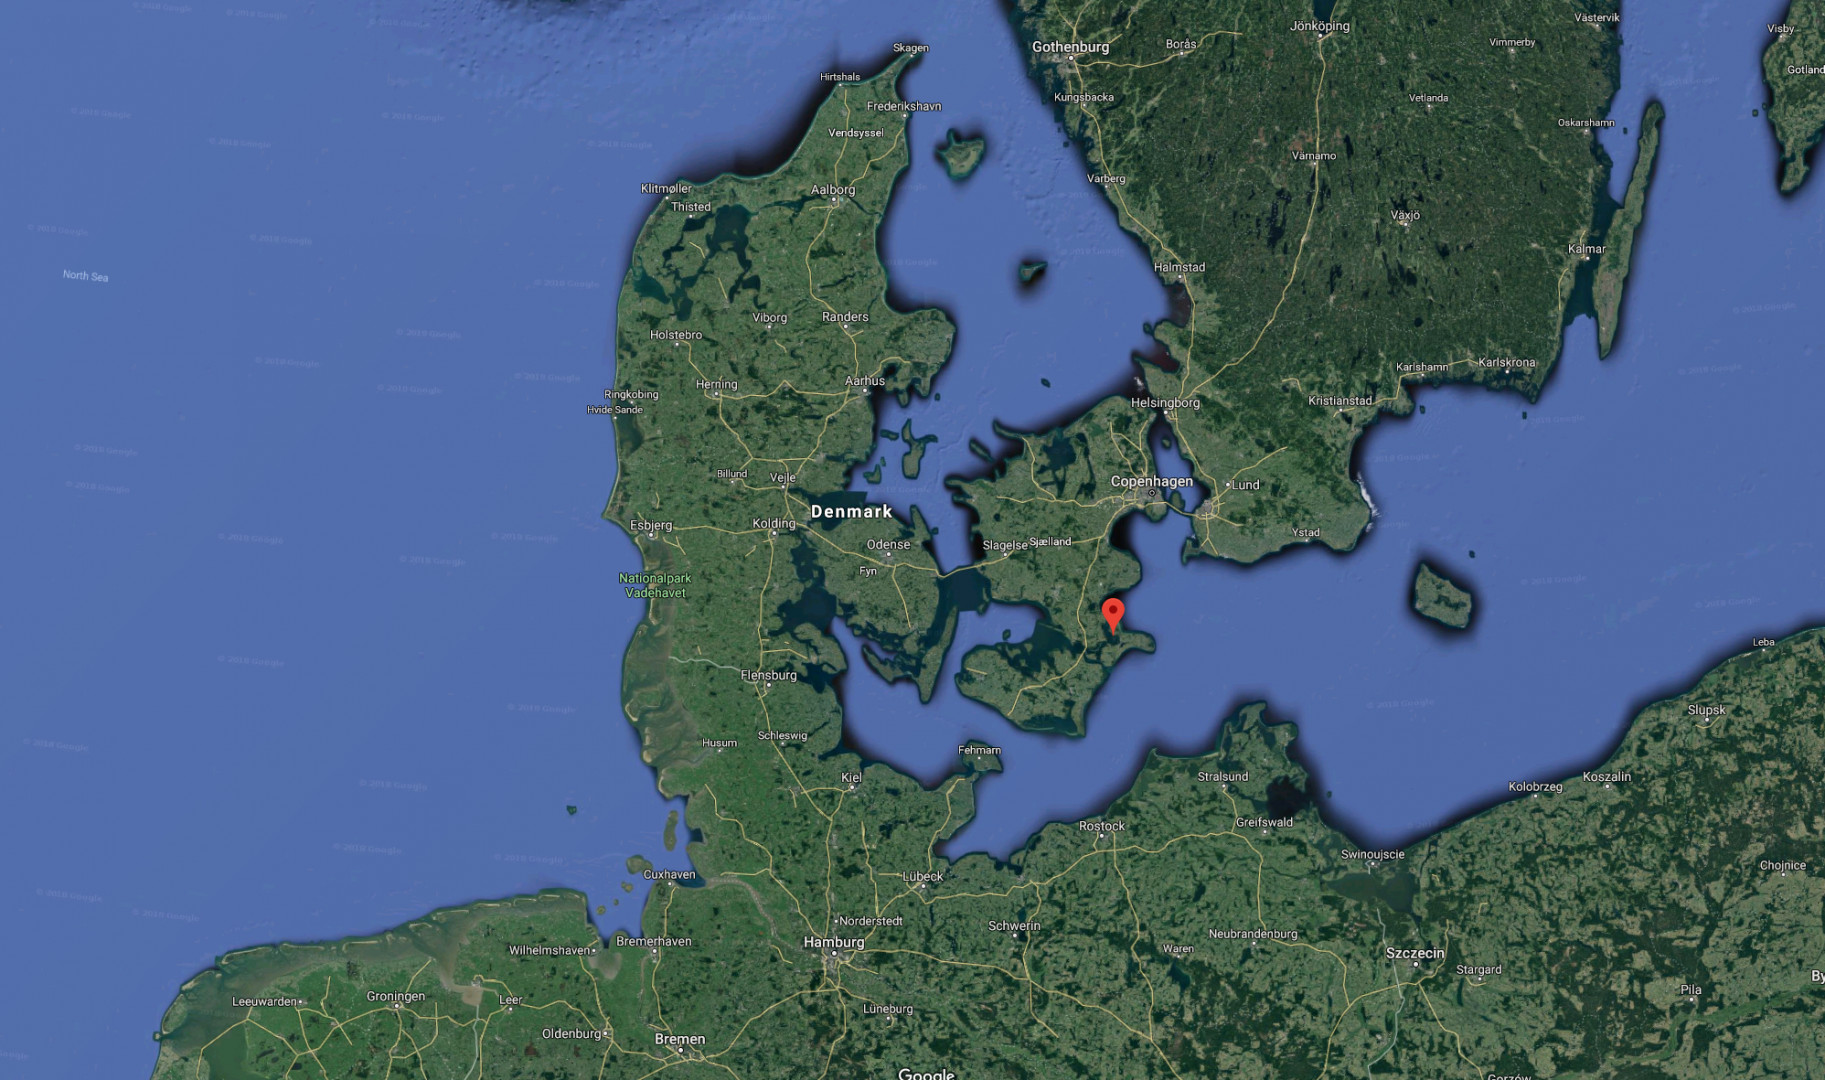 |Wyspa Lindholm to niewielki skrawek lądu przy wybrzeżach większej duńskiej wyspy Zealandii (Sjælland), na której leży Kopenhaga (fot. Google/google.com/maps)